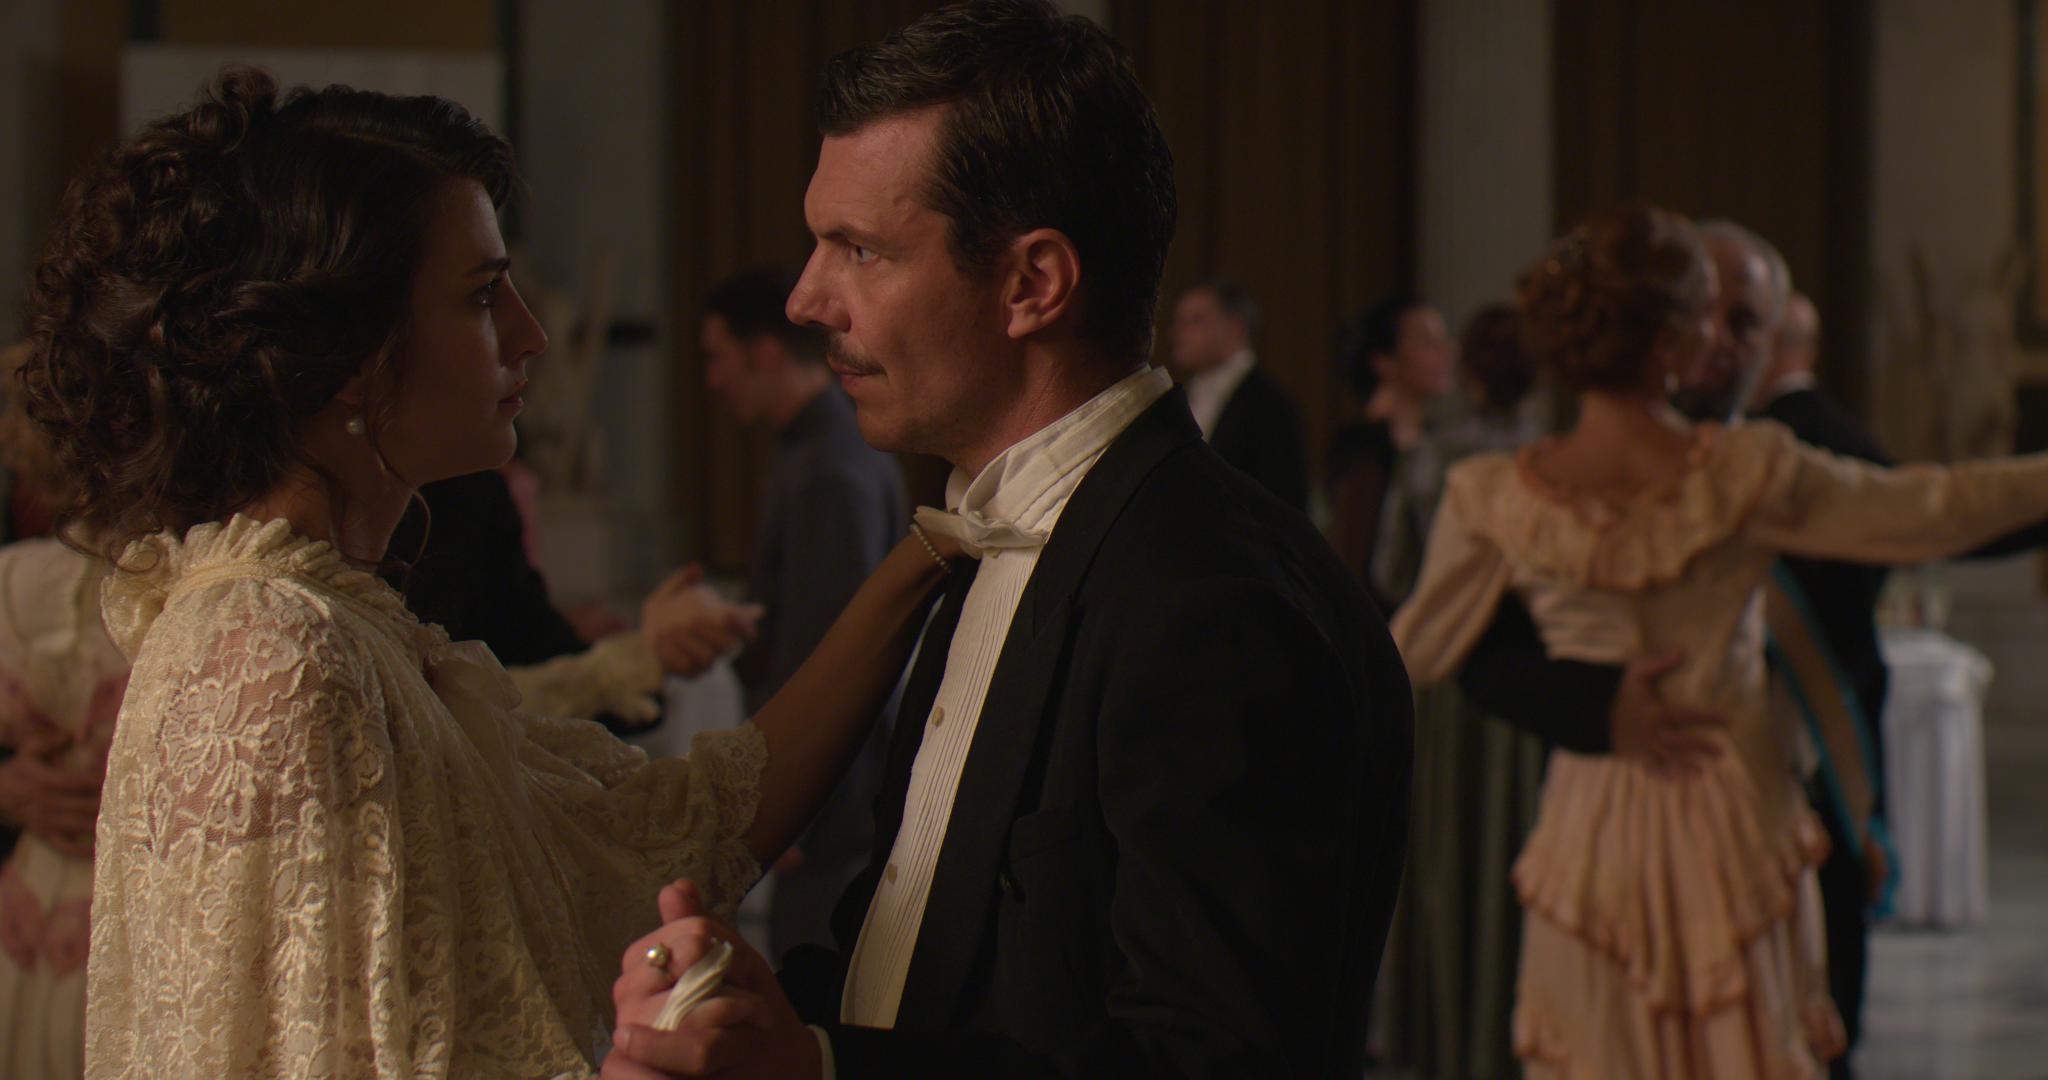 Κόκκινο Ποτάμι: Η Ιφιγένεια φτάνει στο Παρίσι για σπουδές και ο έρωτας με τον Μίλτο αναζωπυρώνεται!